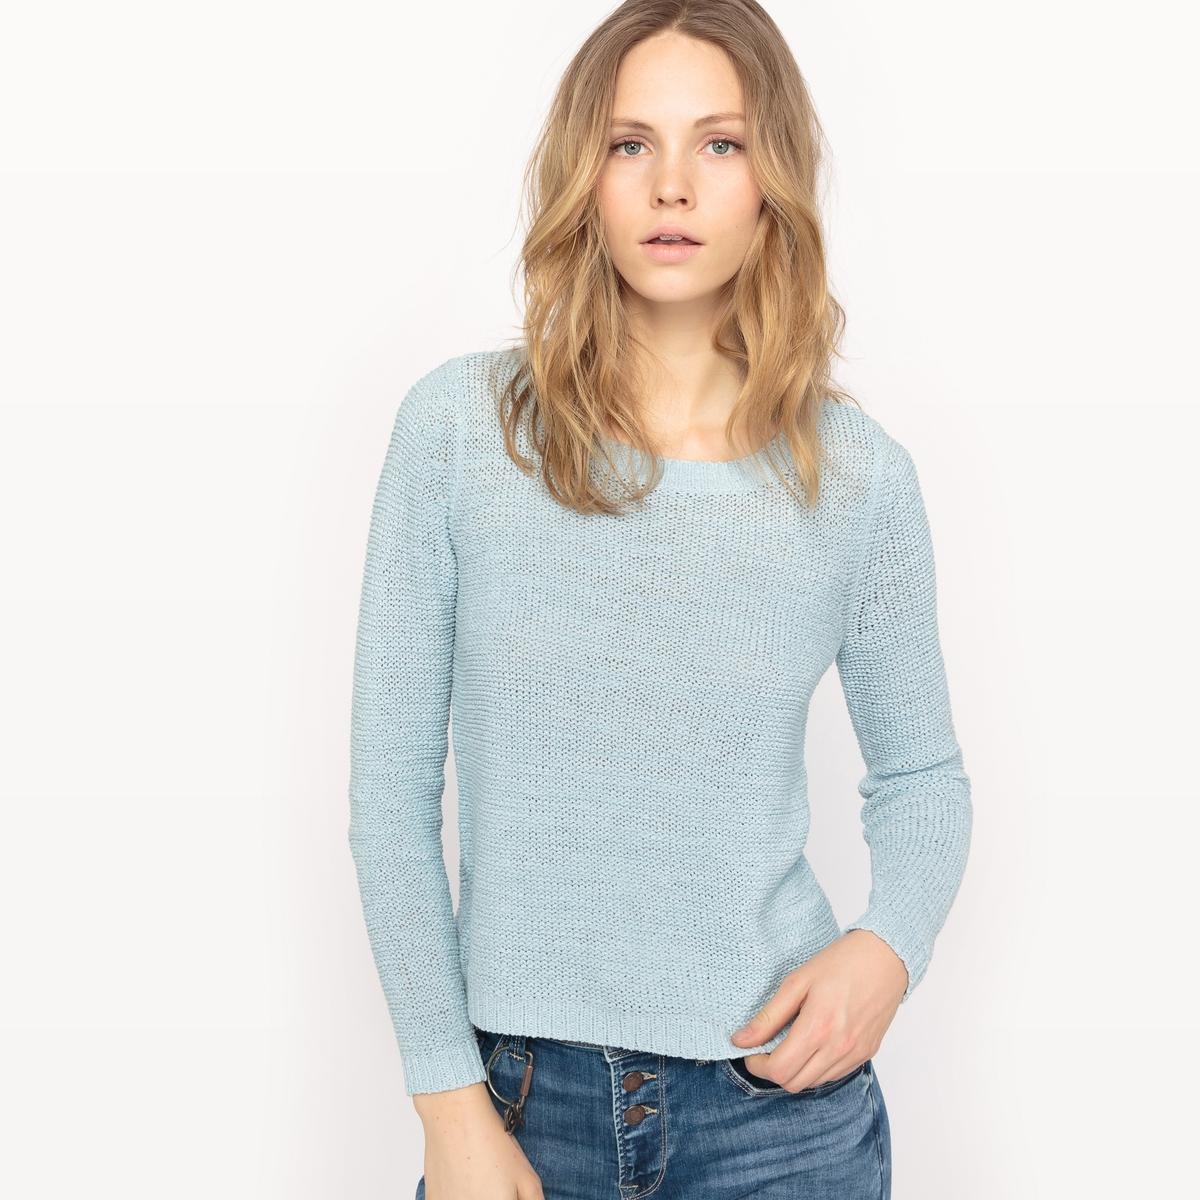 Пуловер с круглым вырезом из акрилаМатериал : 65% акрила, 35% полиамида  Длина рукава : длинные рукава  Форма воротника : круглый вырез  Покрой пуловера : стандартный  Рисунок : однотонная модель<br><br>Цвет: голубой<br>Размер: L